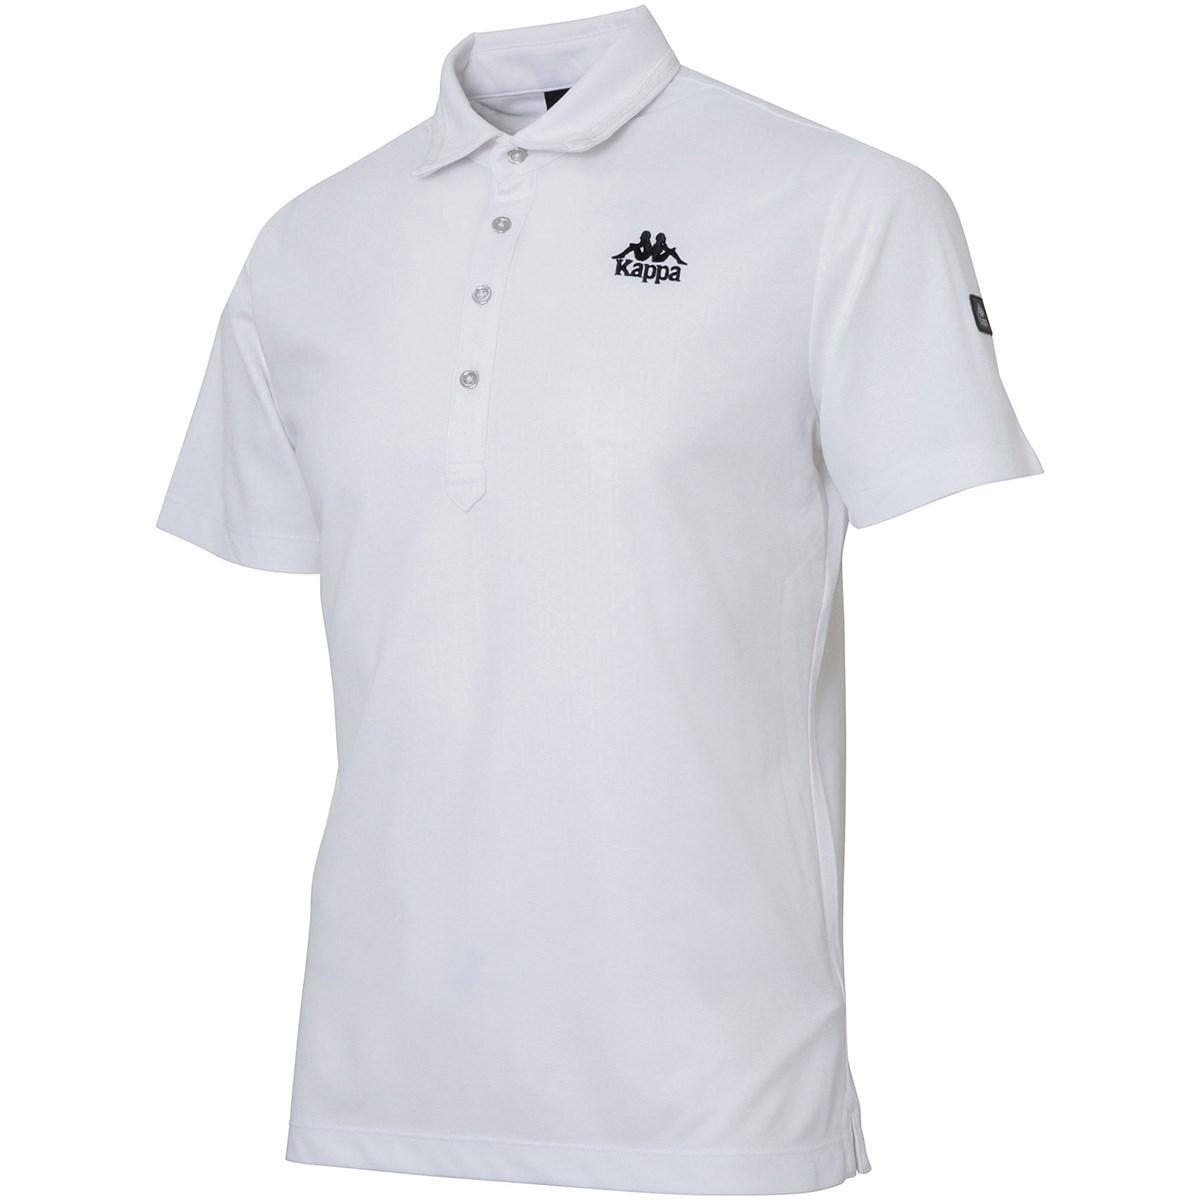 カッパ Kappa GOLF アンティークタイルエンボス柄半袖ポロシャツ